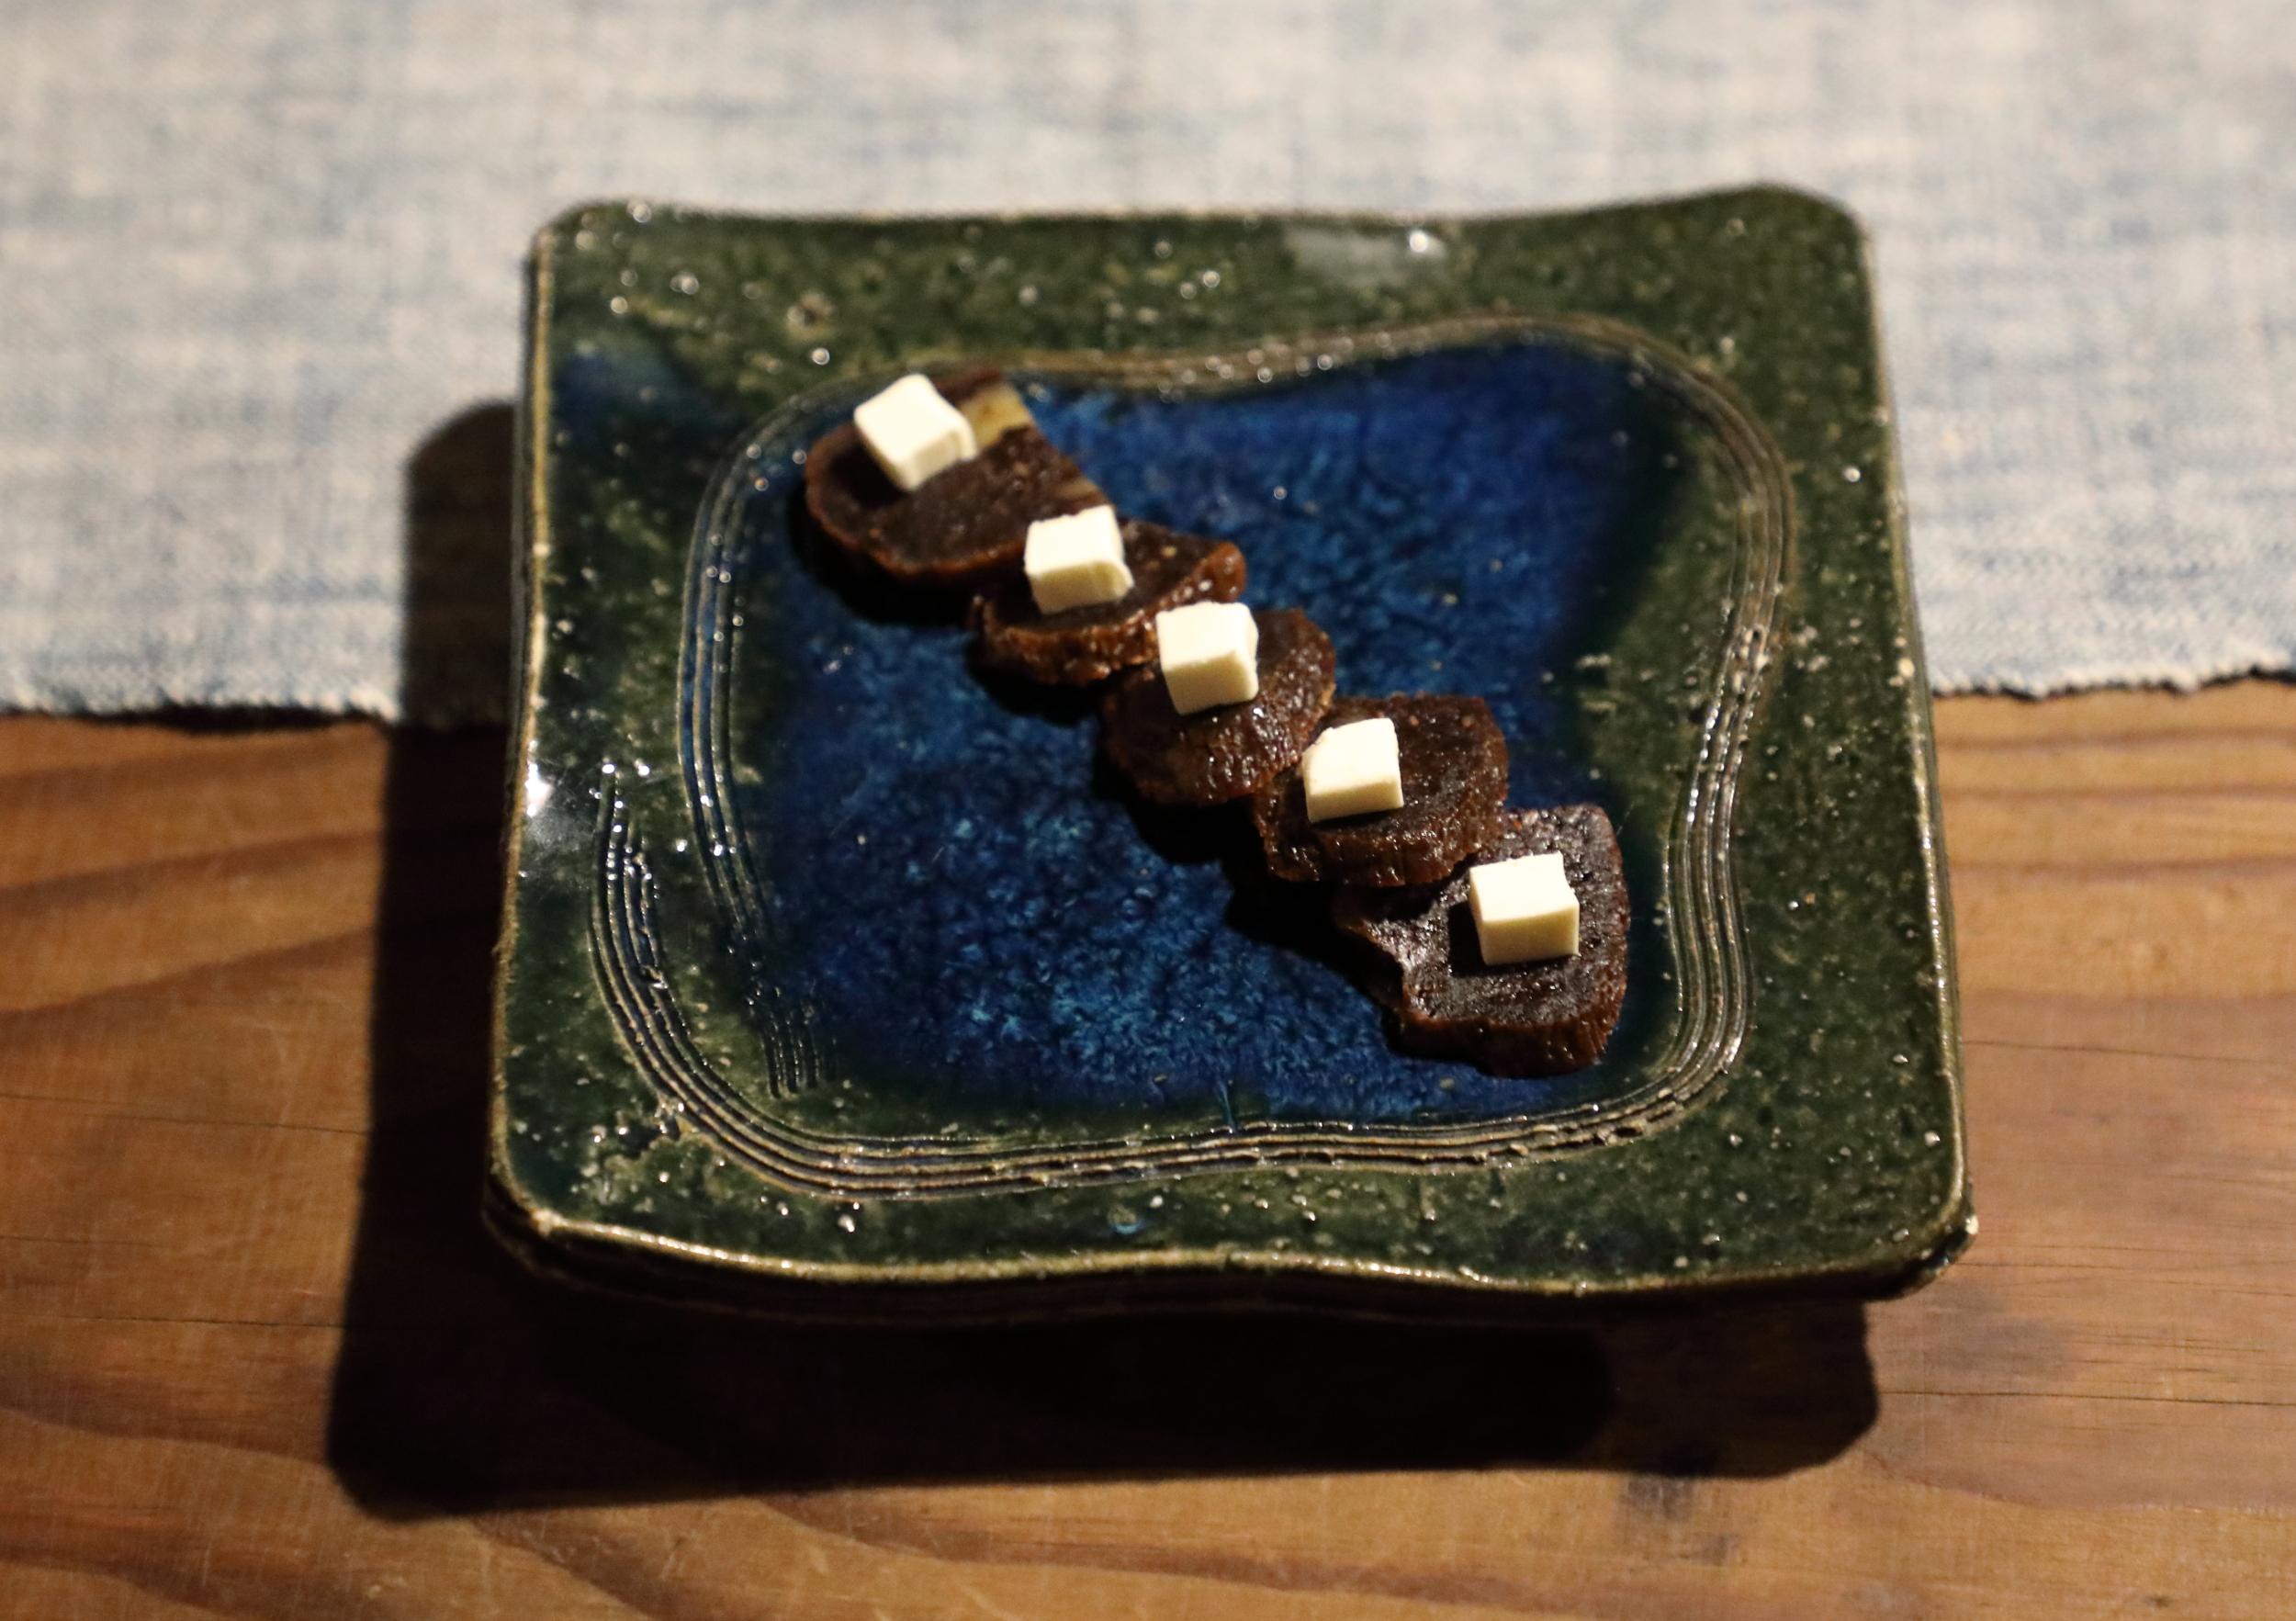 Yubeshi (Fermented Yuzu)